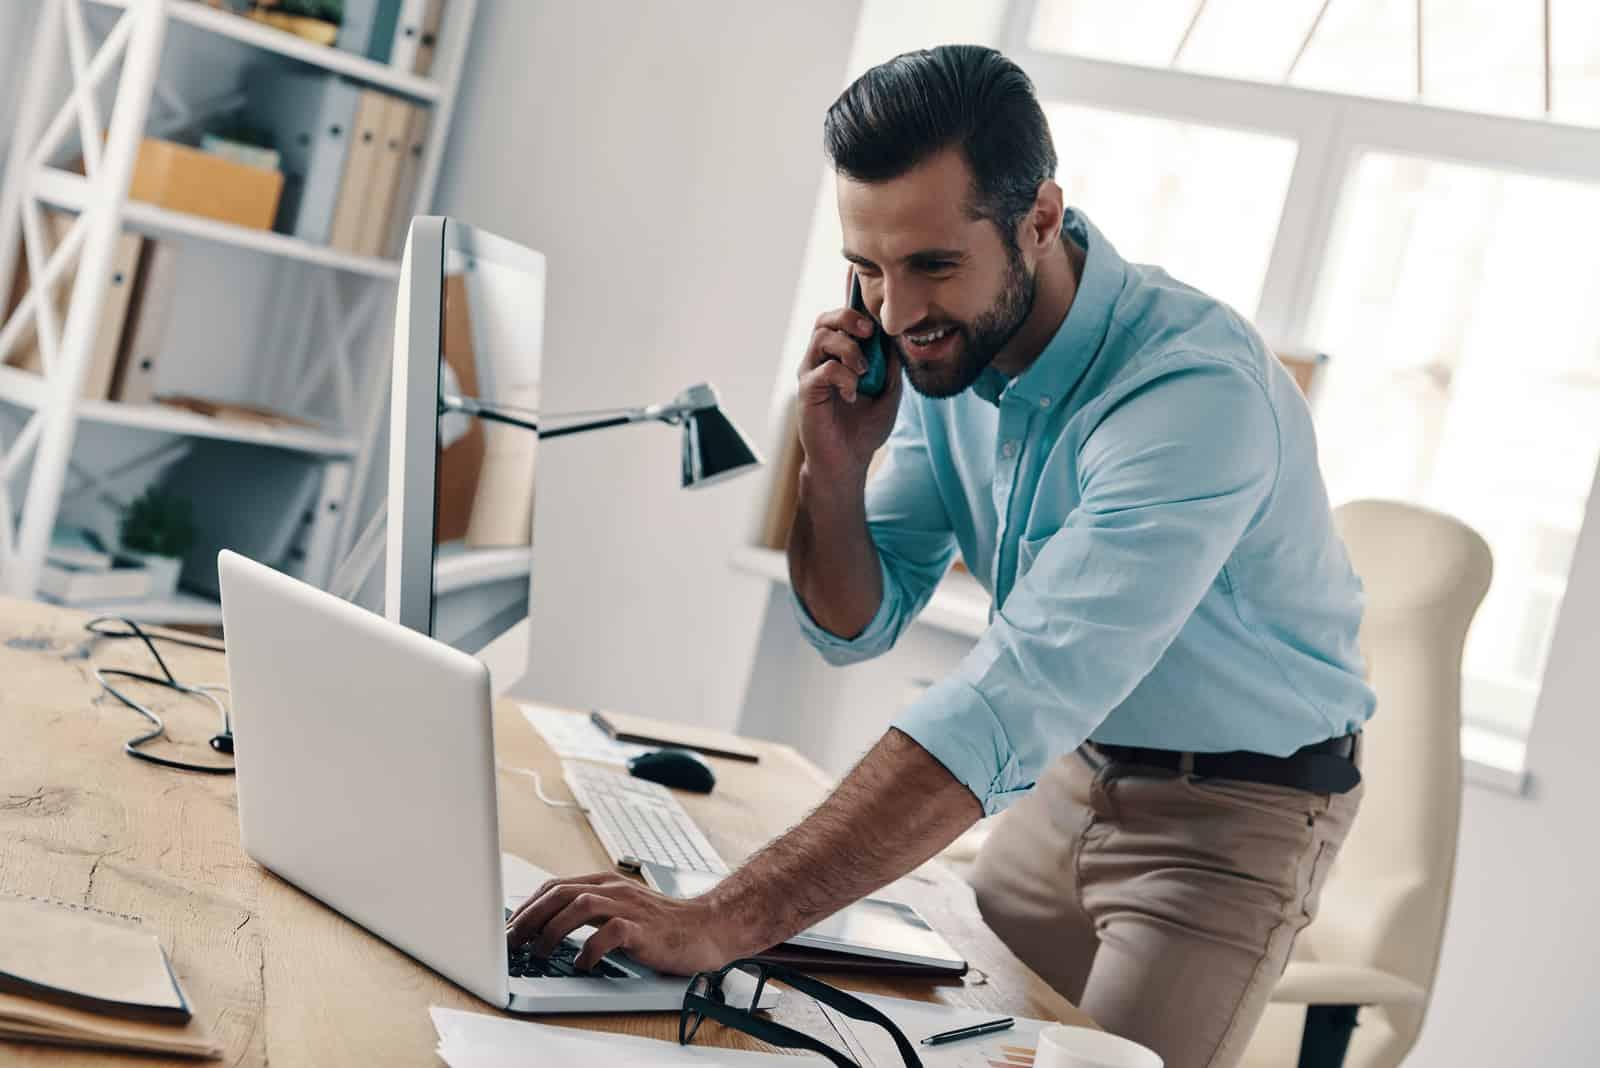 im Büro ein lächelnder Geschäftsmann, der auf einem Handy spricht und einen Laptop benutzt